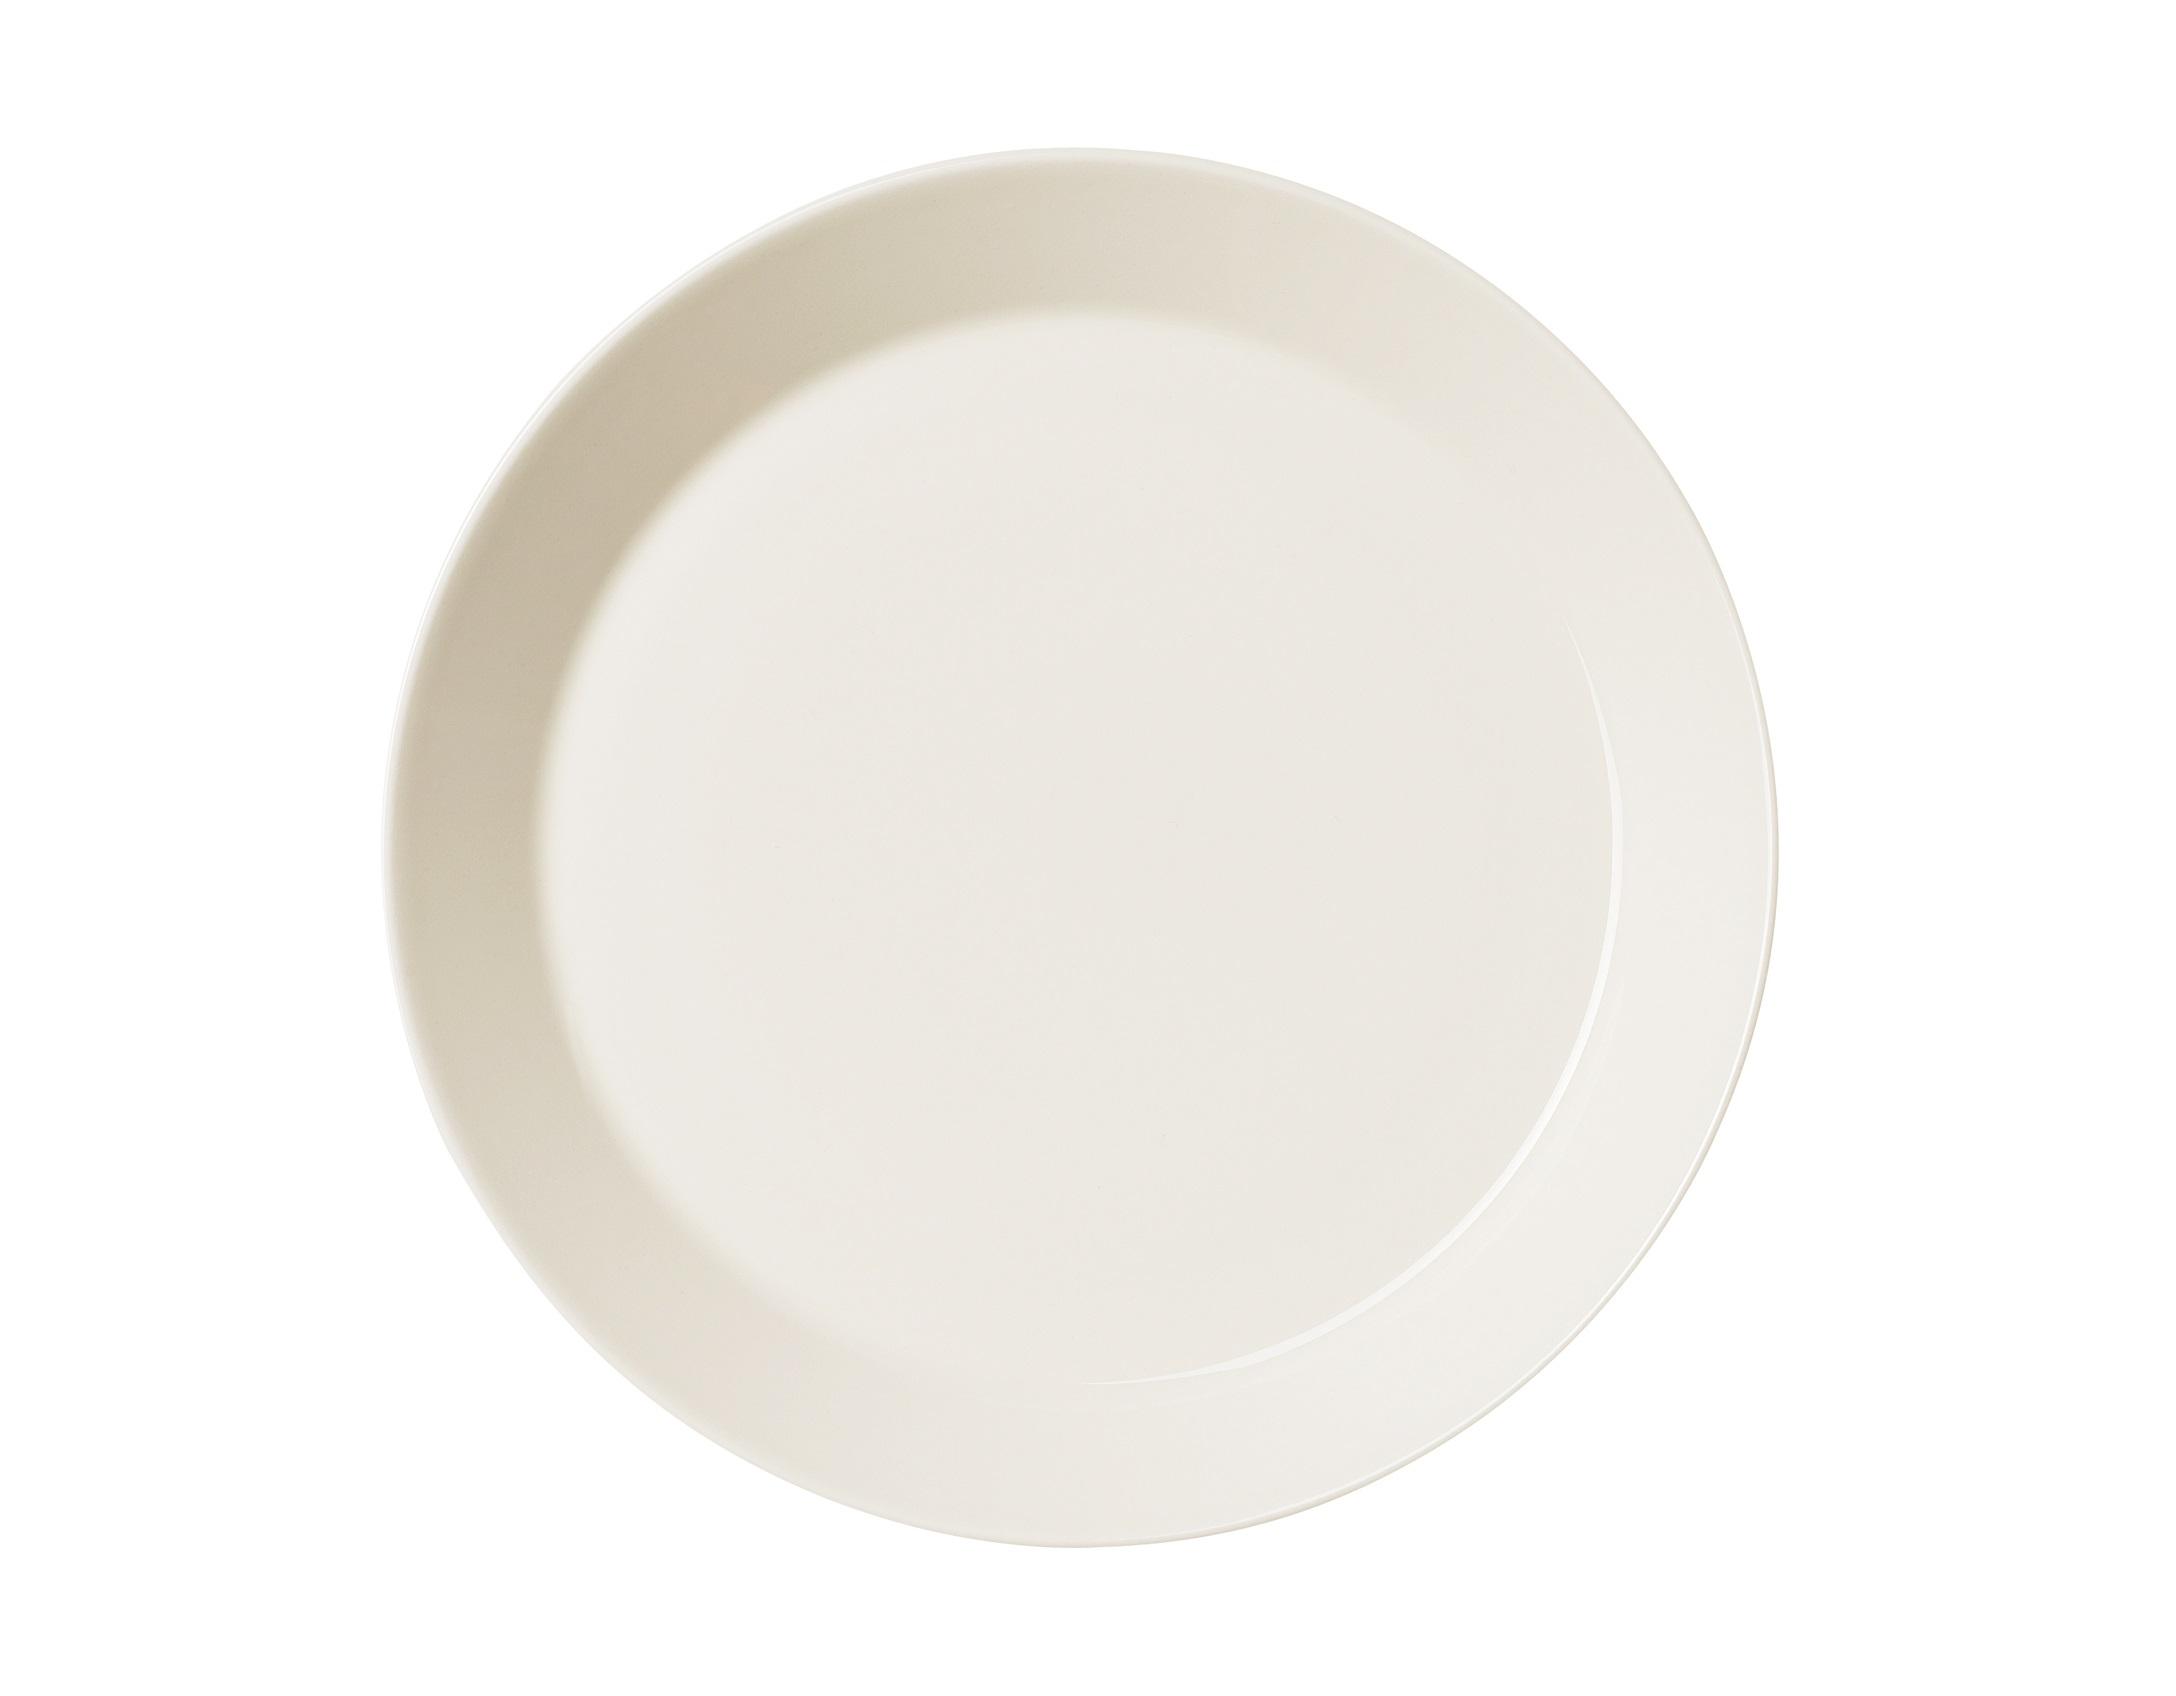 Тарелка TeemaТарелки<br>Teema - это классика дизайна Iittala, каждый продукт имеет чёткие геометрические формы: круг, квадрат и прямоугольник. Как говорит Кай Франк: «Цвет является единственным украшением». Посуда серии Teema является универсальной, её можно комбинировать с любой серией Iittala. Она практична и лаконична.<br><br>Material: Фарфор<br>Length см: None<br>Width см: None<br>Depth см: None<br>Height см: 3<br>Diameter см: 26